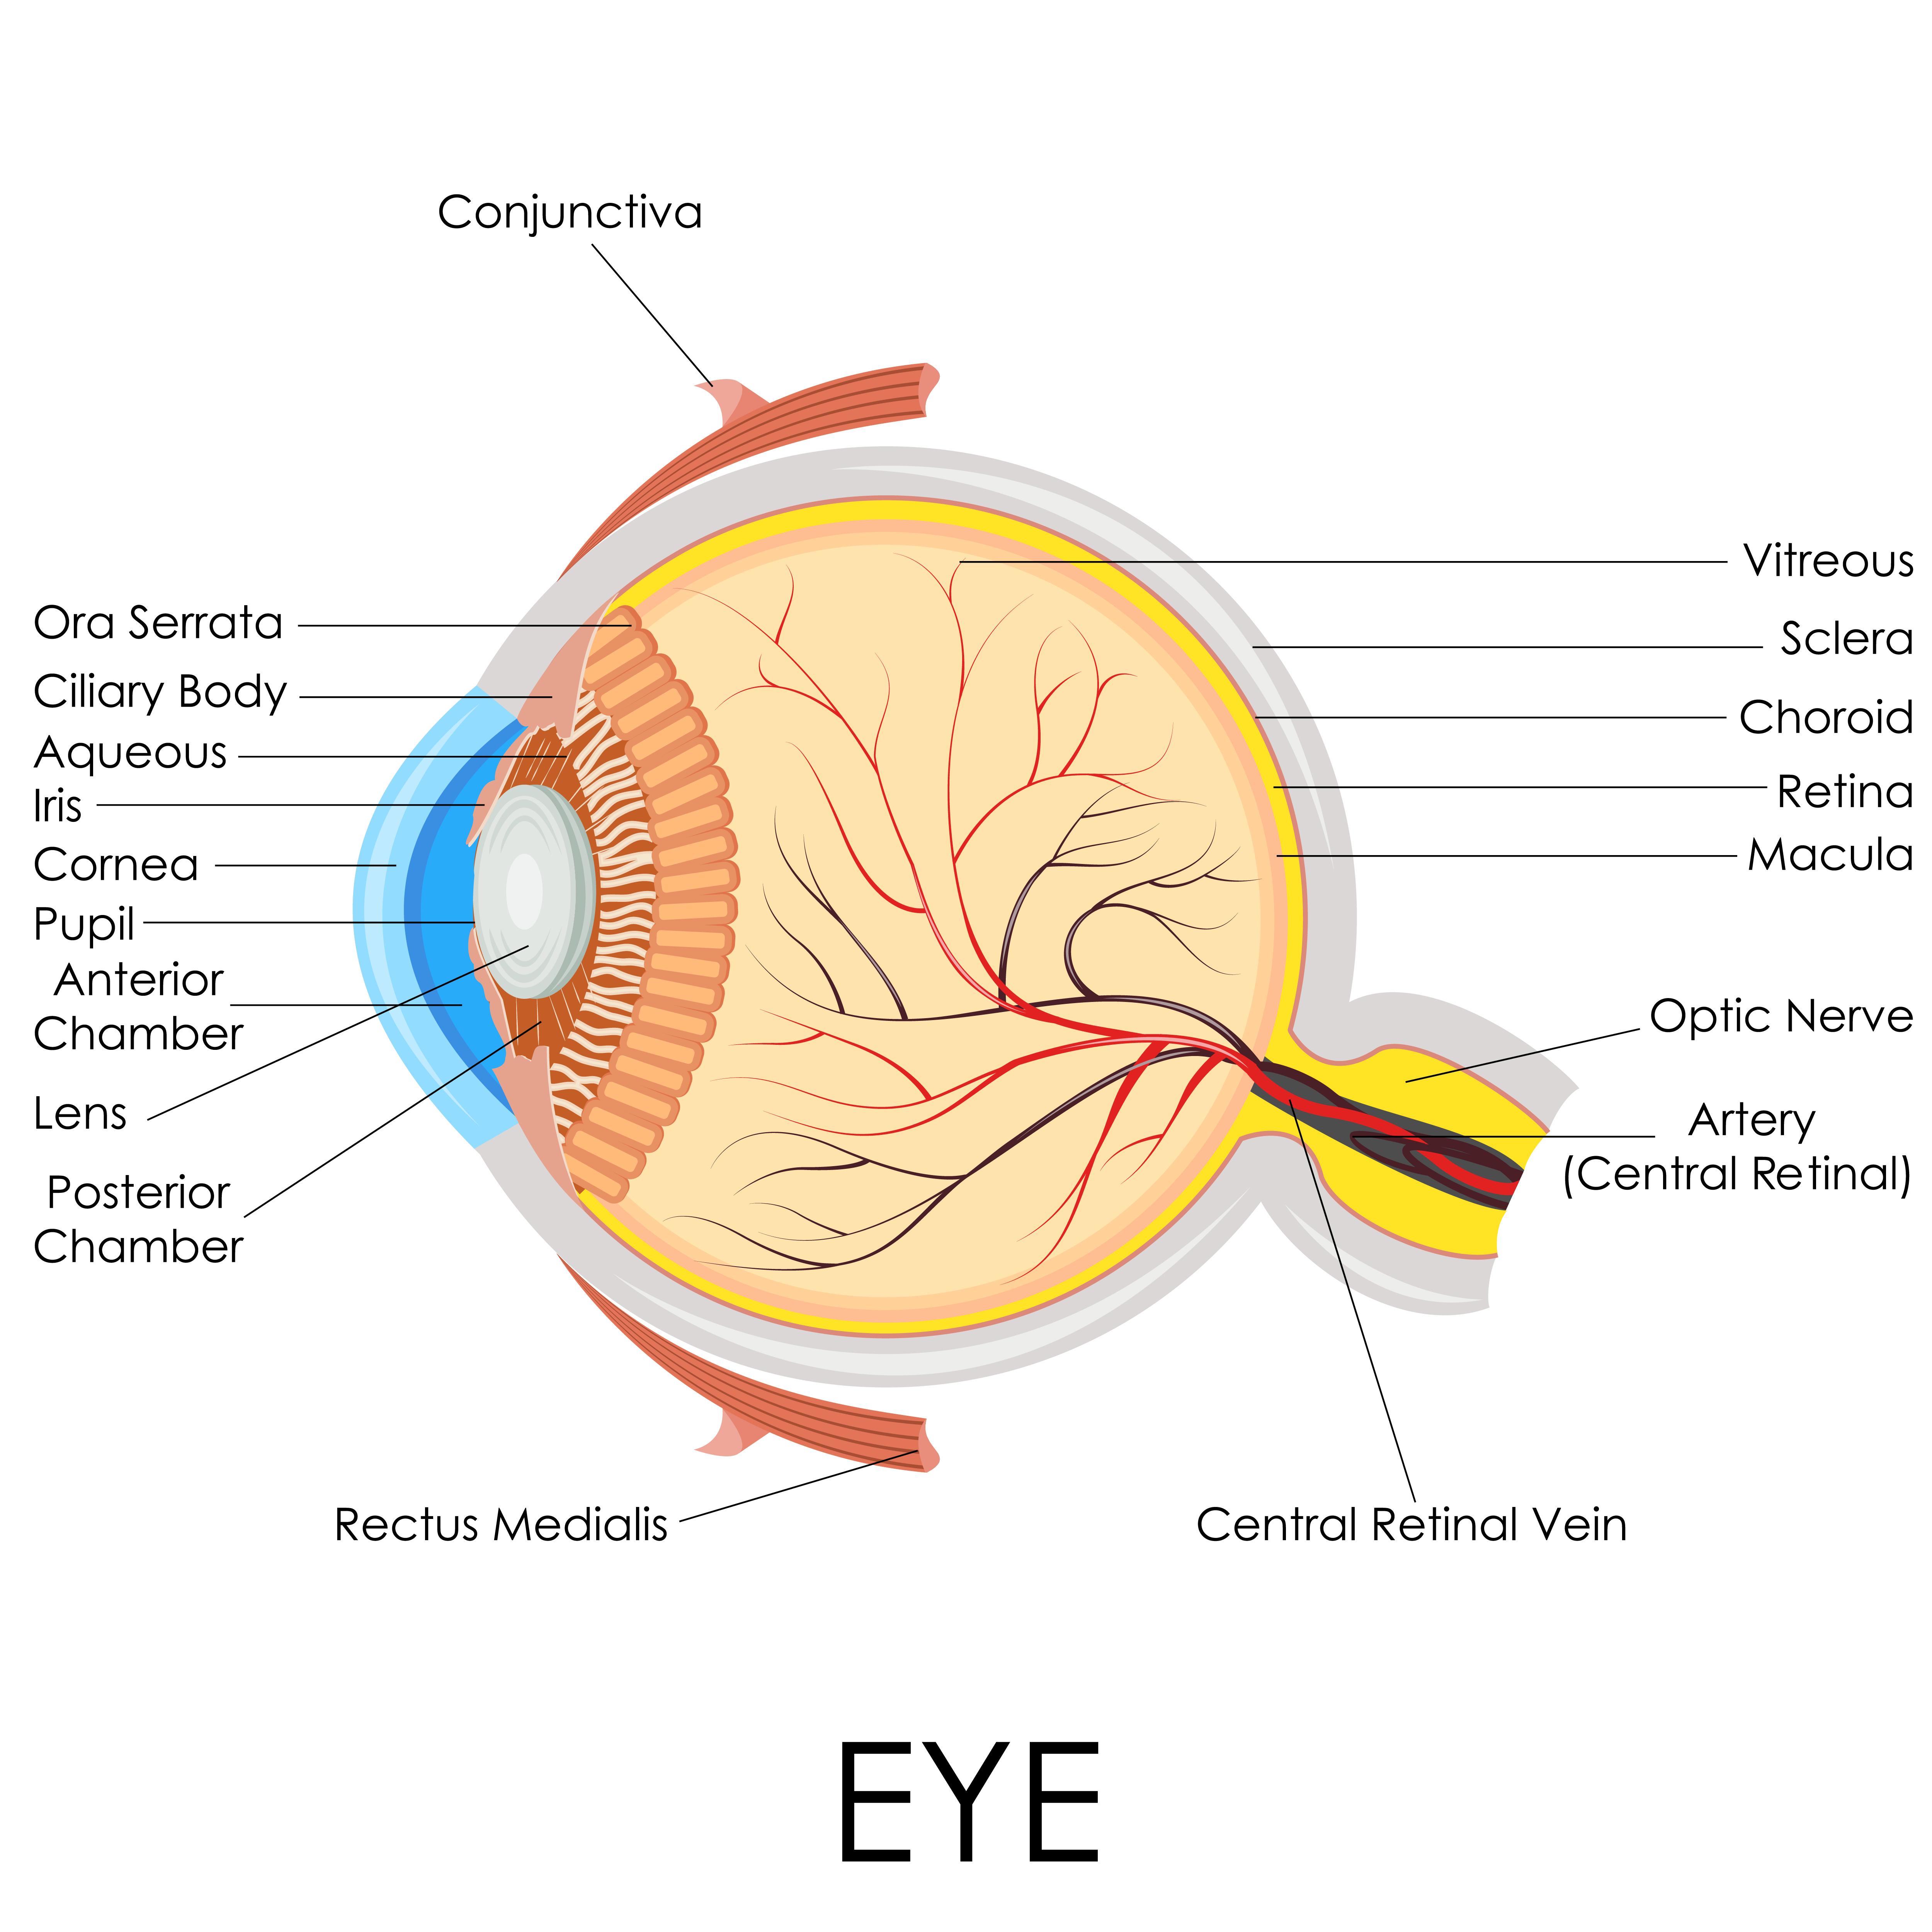 Human Eye Anatomy - Mr Shahram Kashani